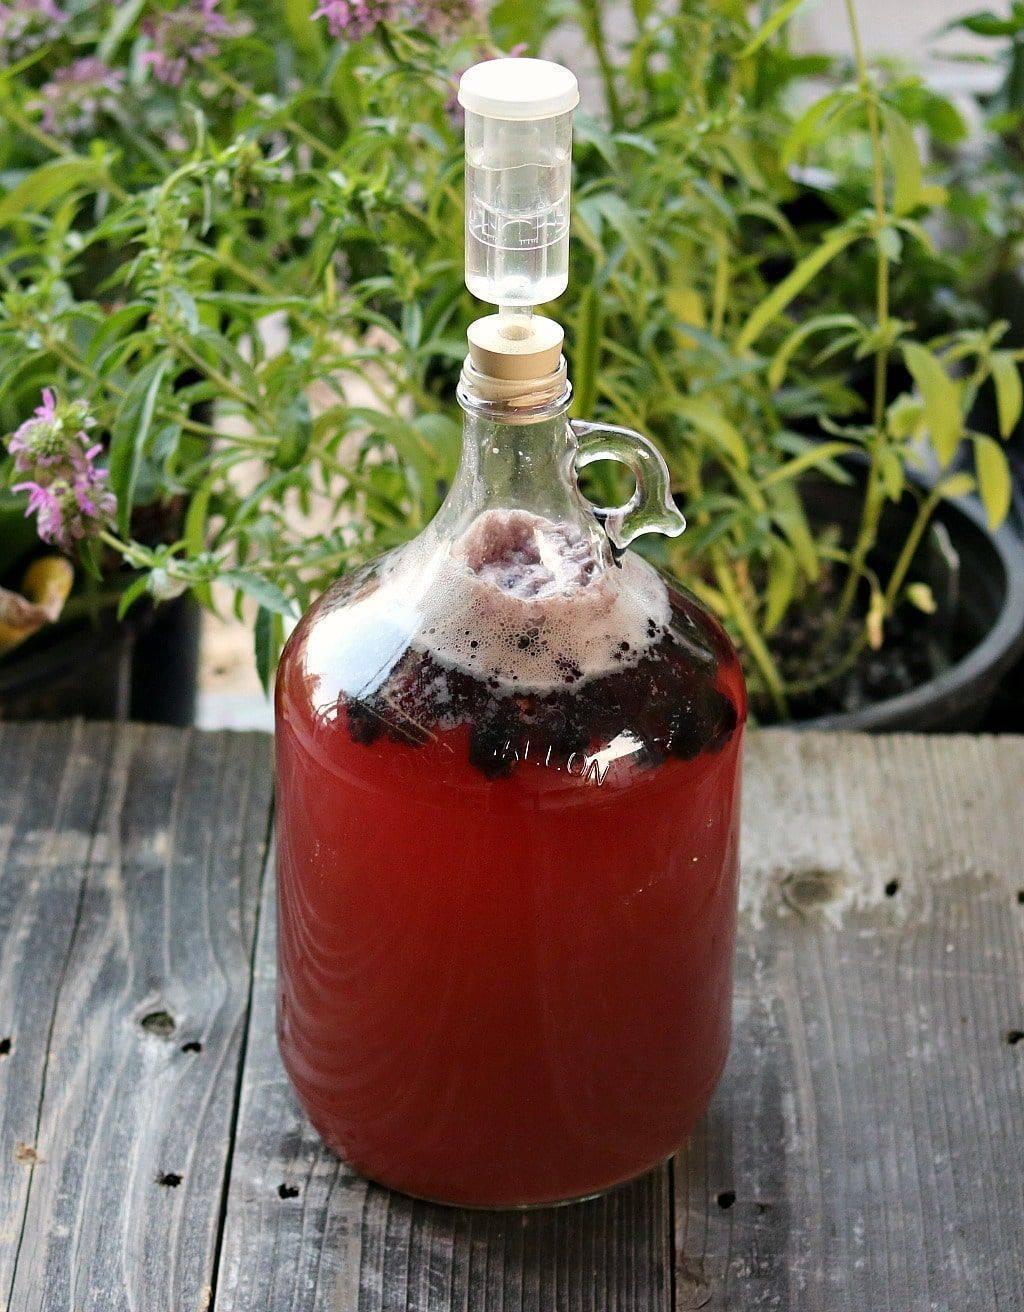 Домашние рецепты вин из ежевики: разбираем основательно